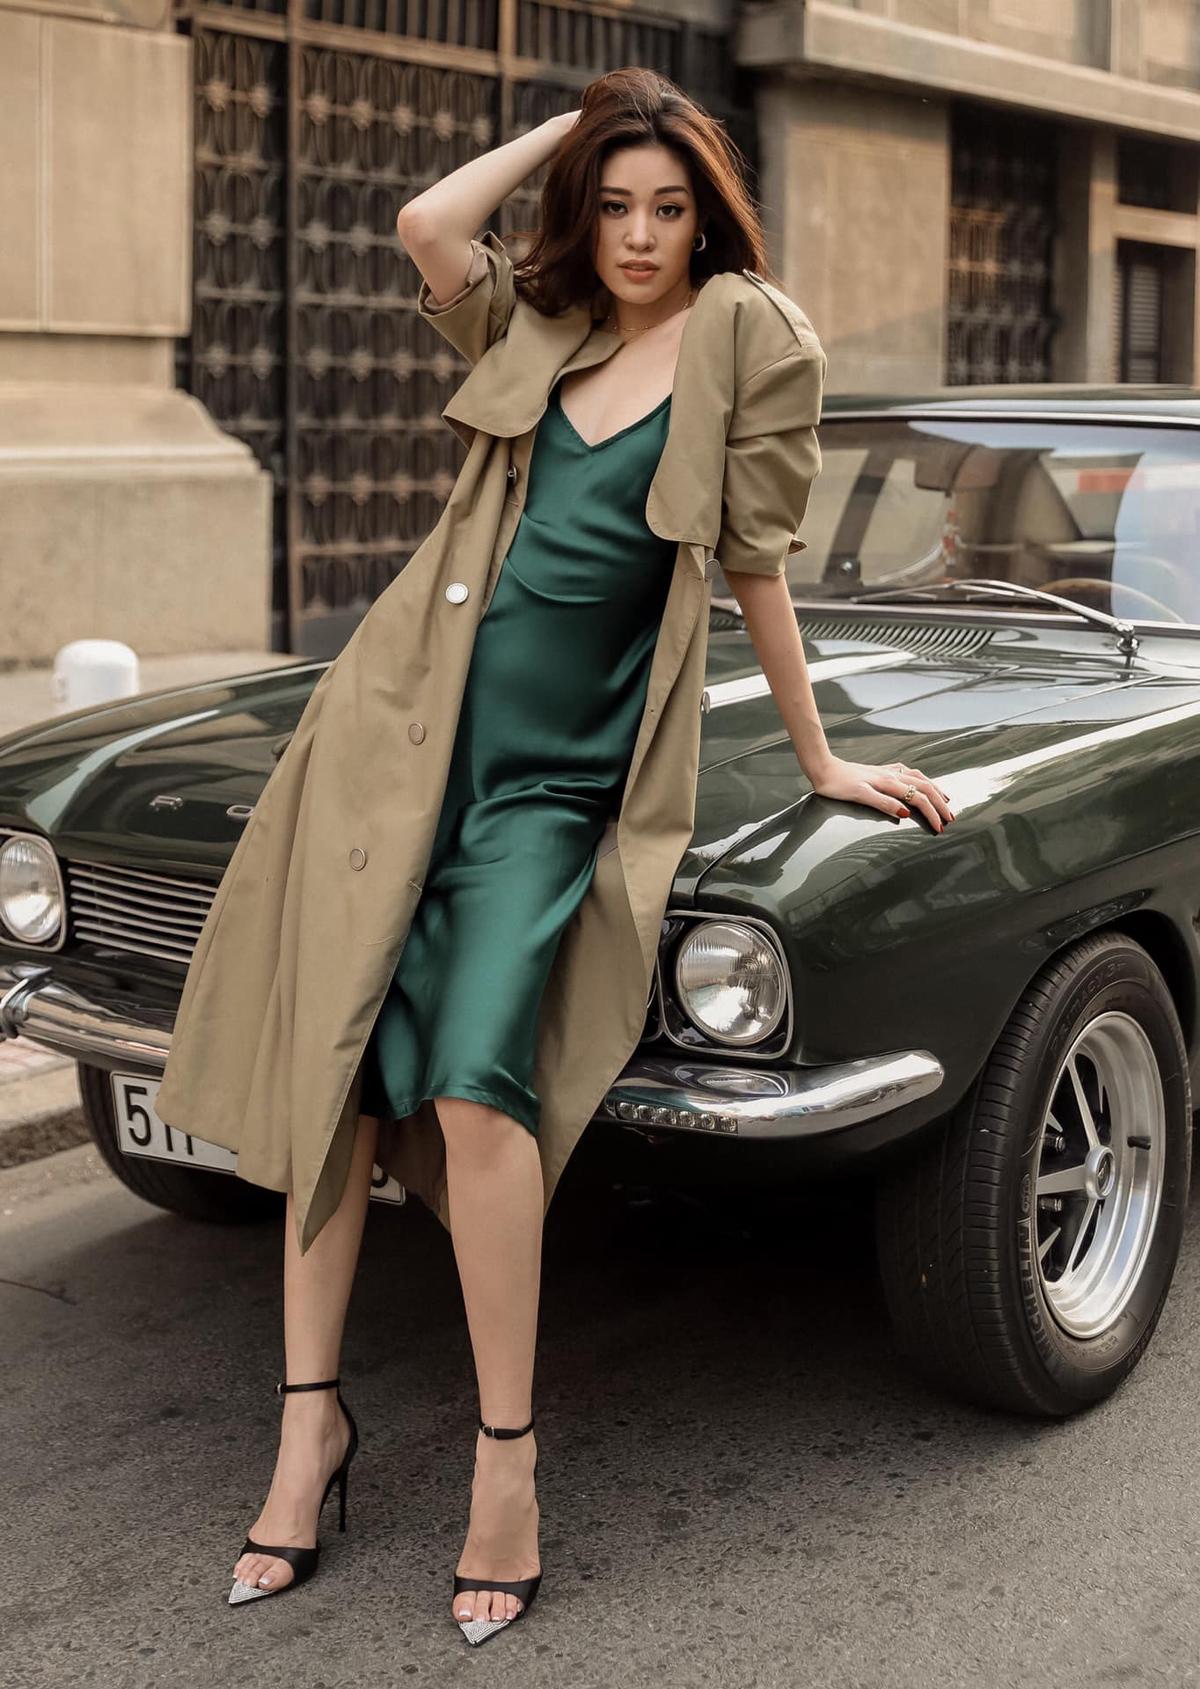 Vừa sang thu, Khánh Vân liền lên đồ cực style xuống phố. Hoa hậu sáng tạo khi mix trench coat với váy lụa, tạo nên bộ cánh thanh lịch mà cũng rất sexy.